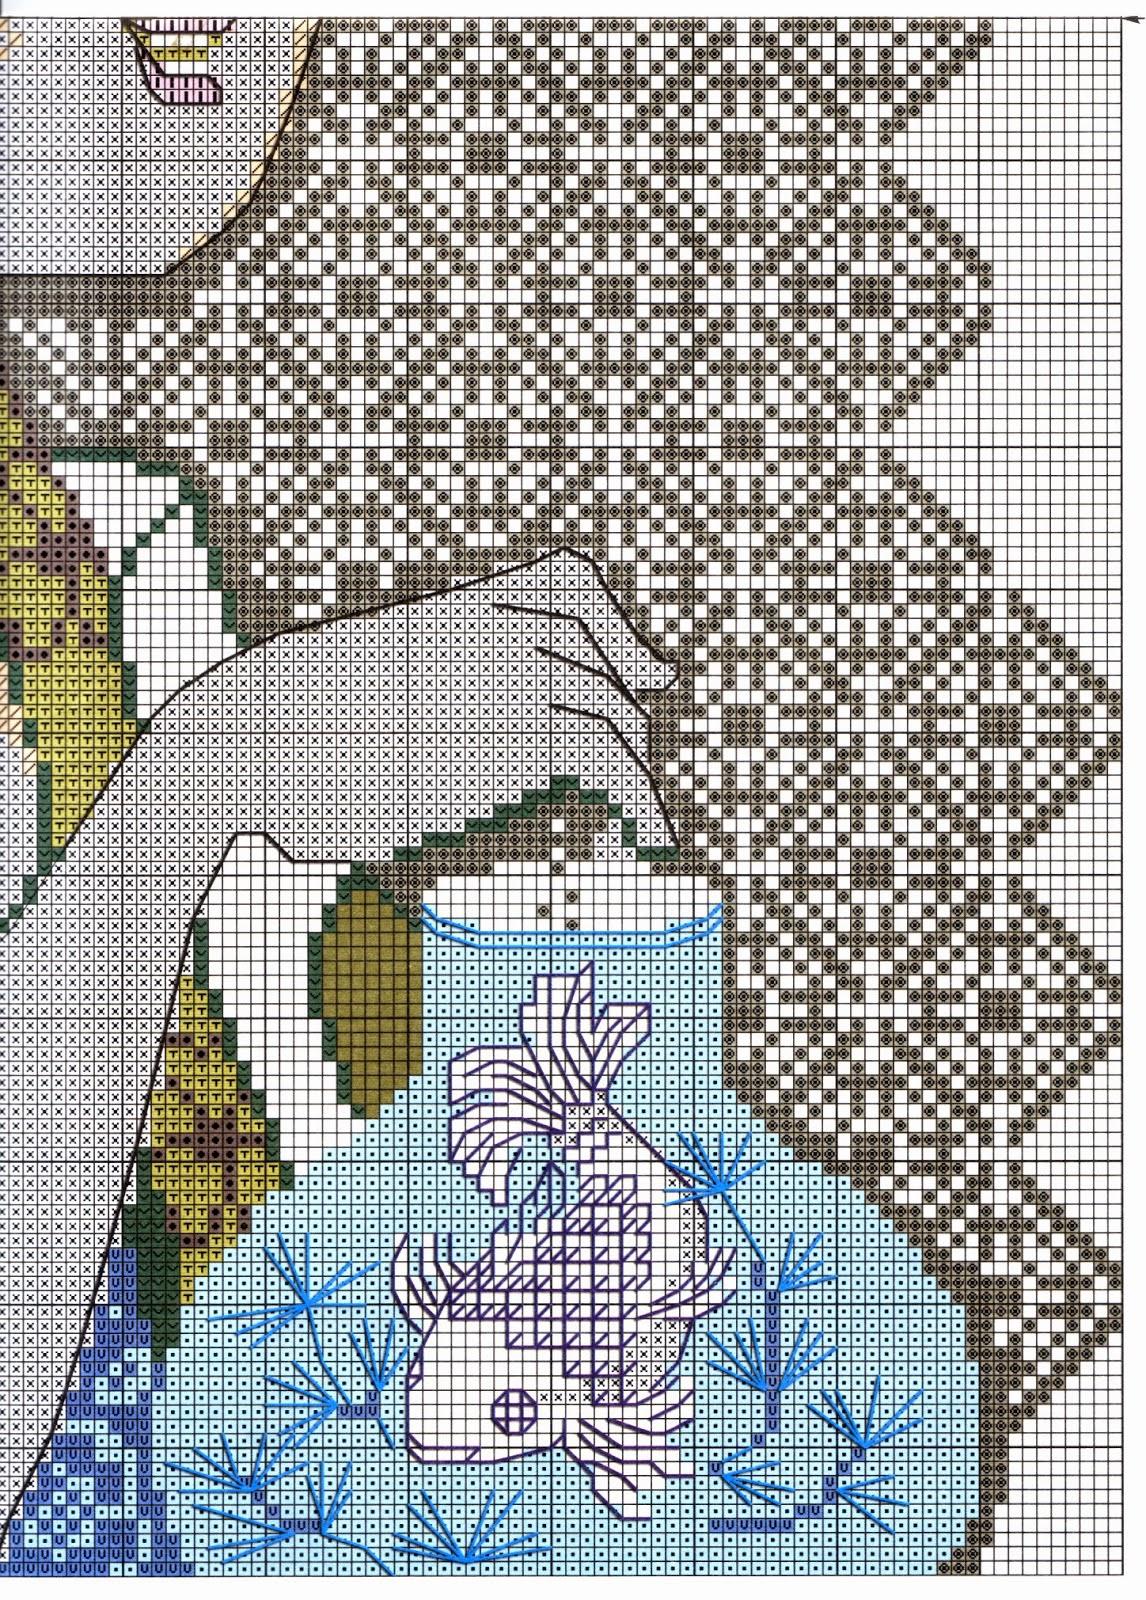 схема для вышивки такса риолис